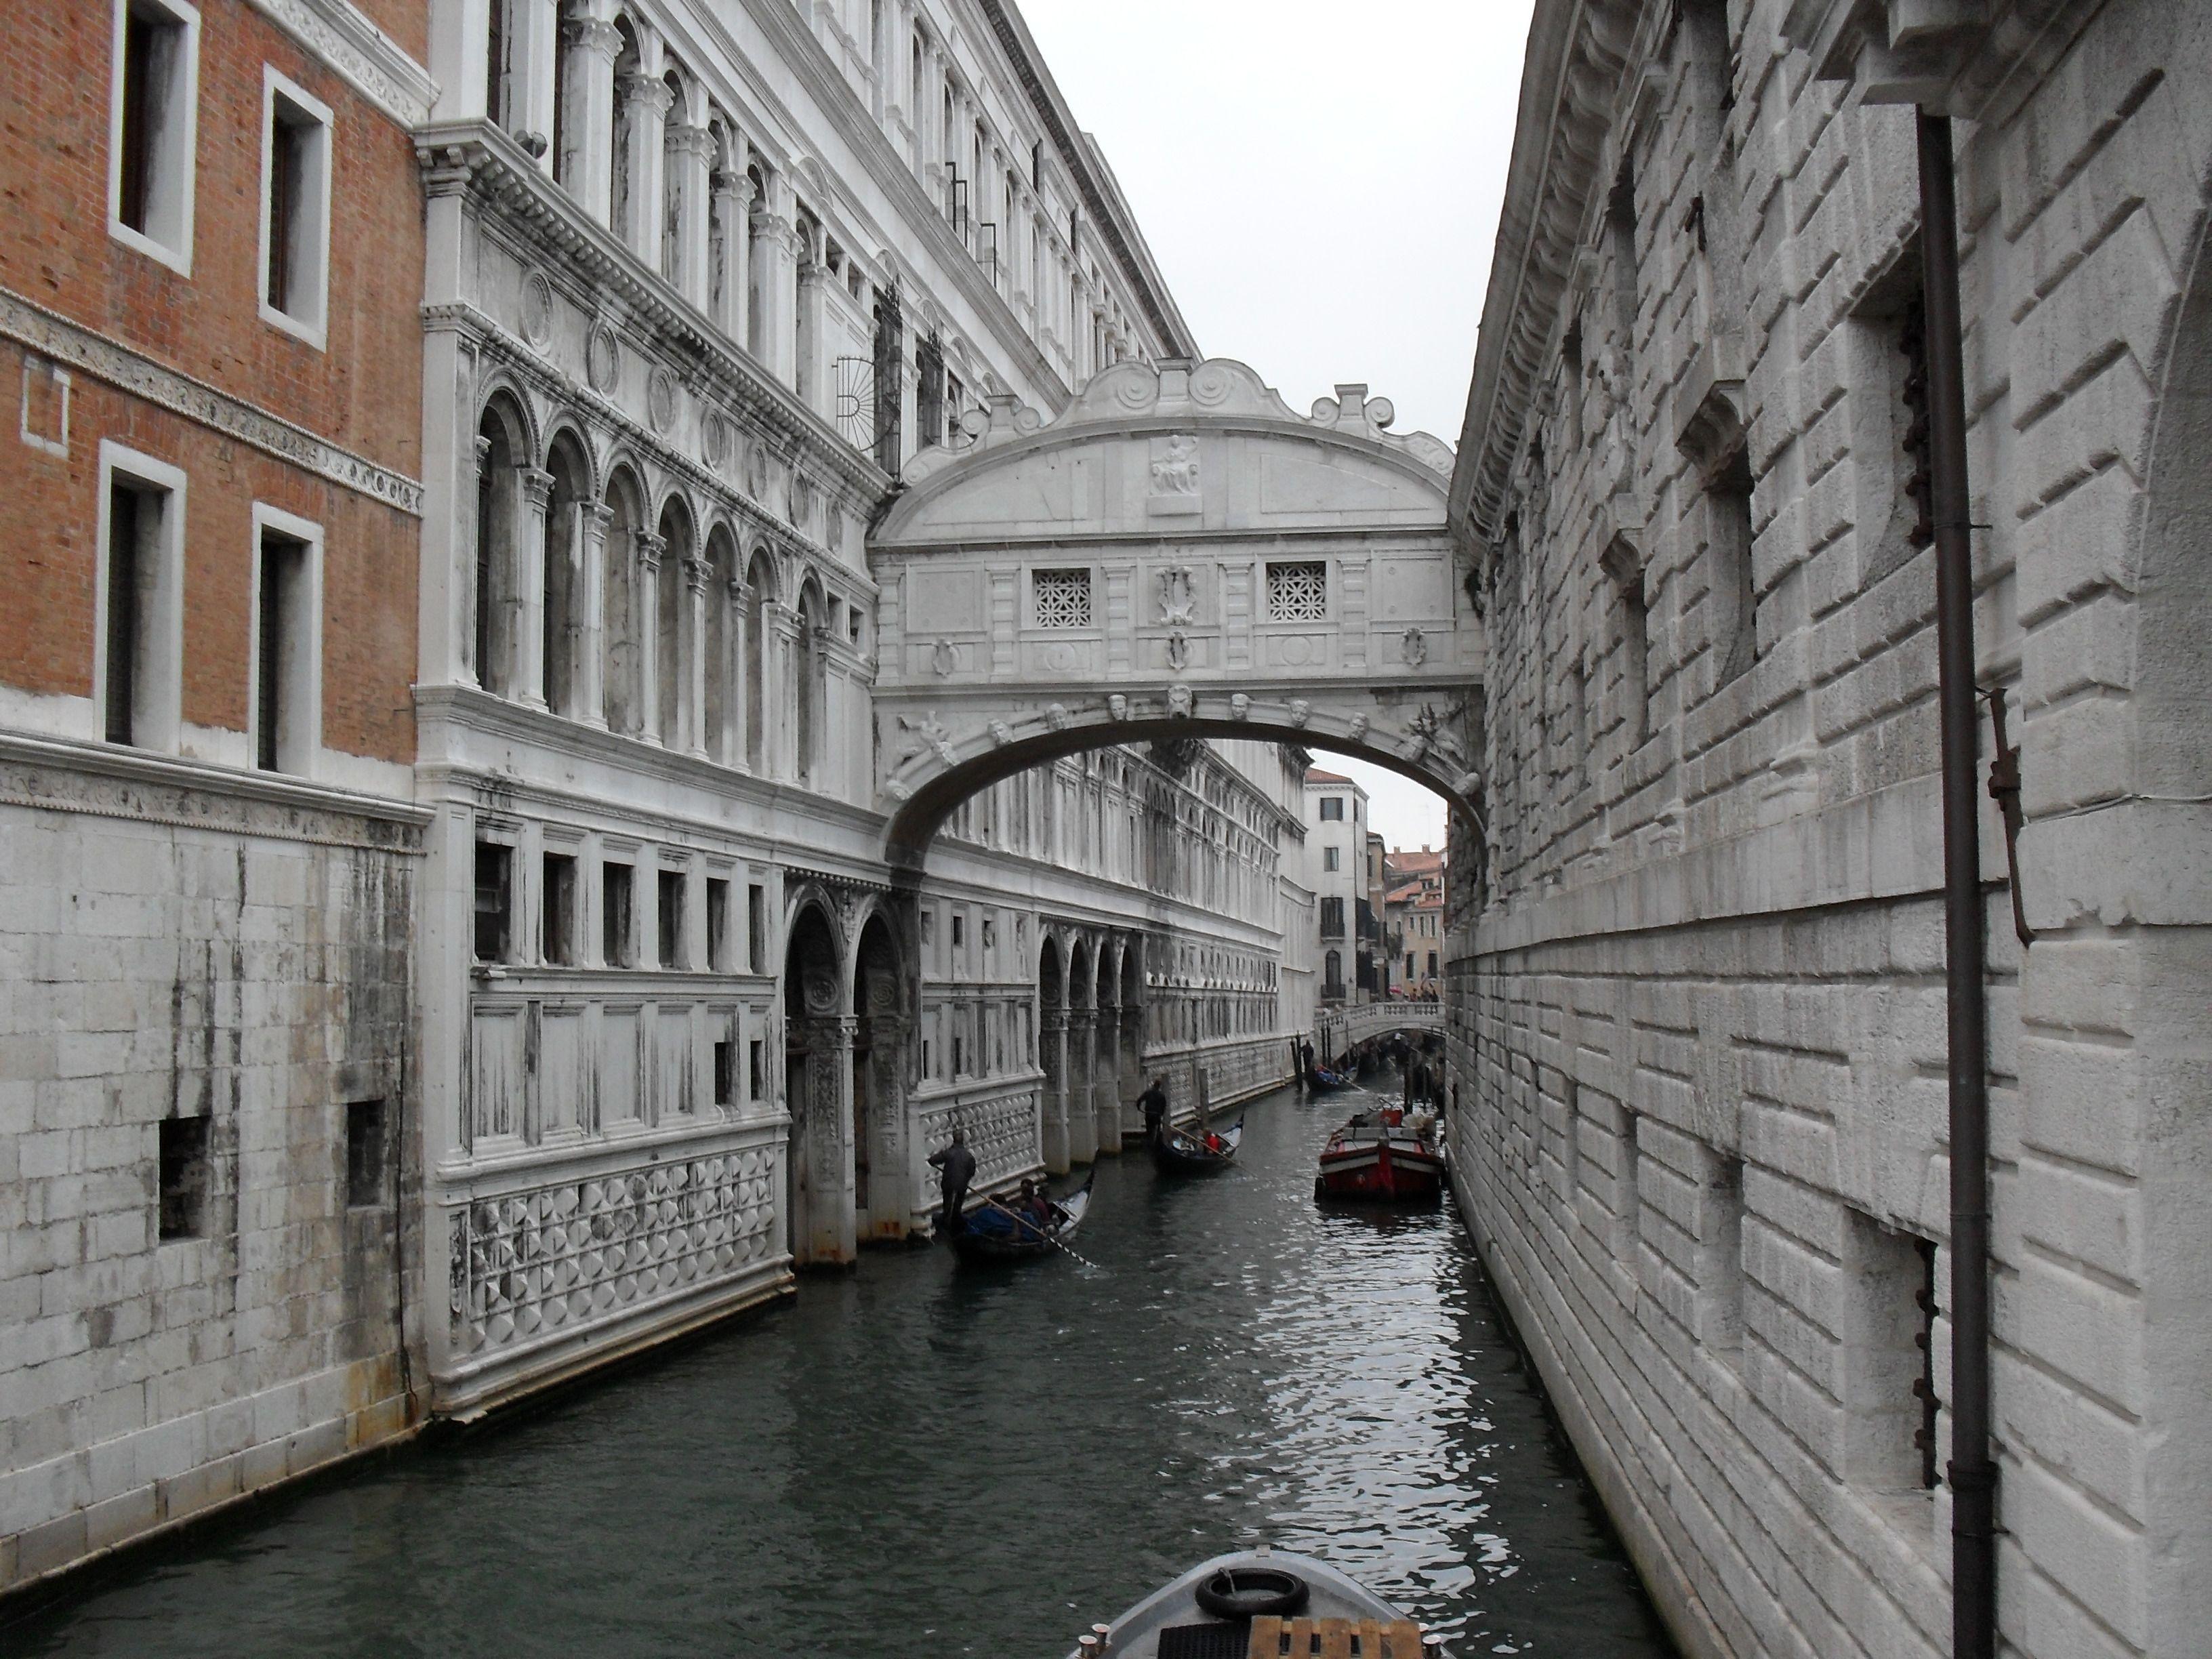 Puente De Los Suspiros Venecia Italia Puente De Los Suspiros Venecia Italia